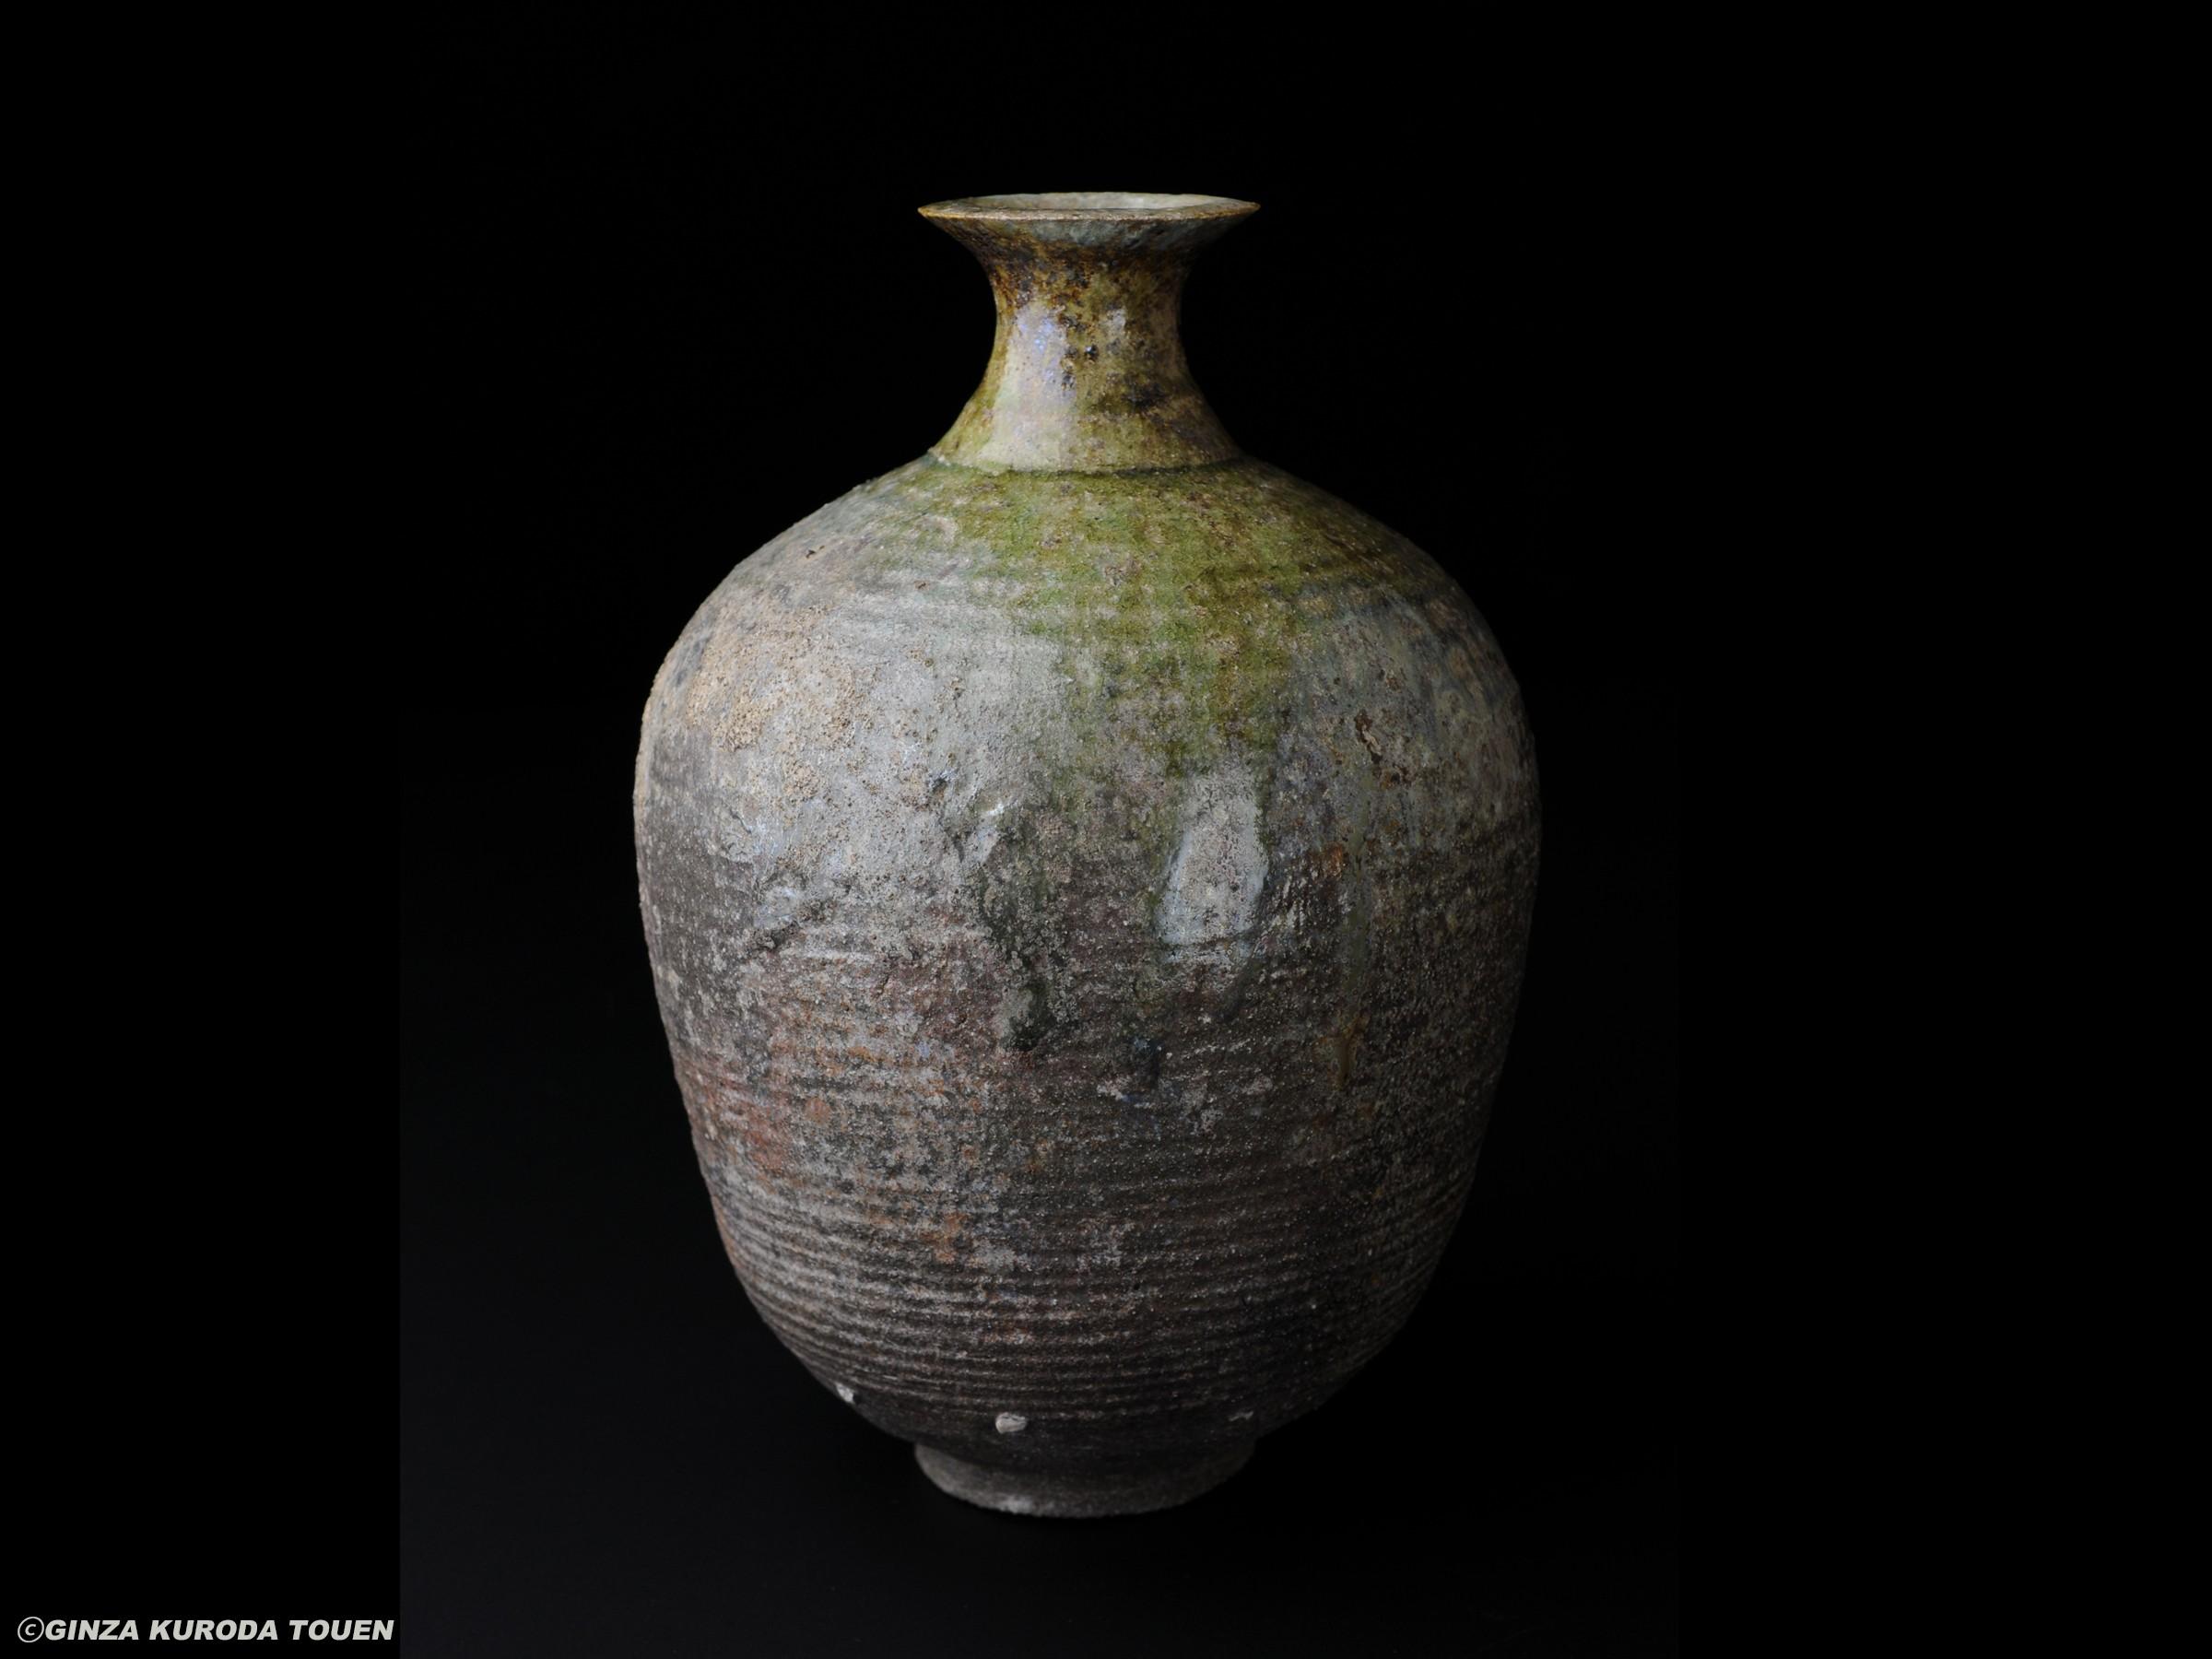 Shoji Kamoda: Flower vase, Ash glaze type